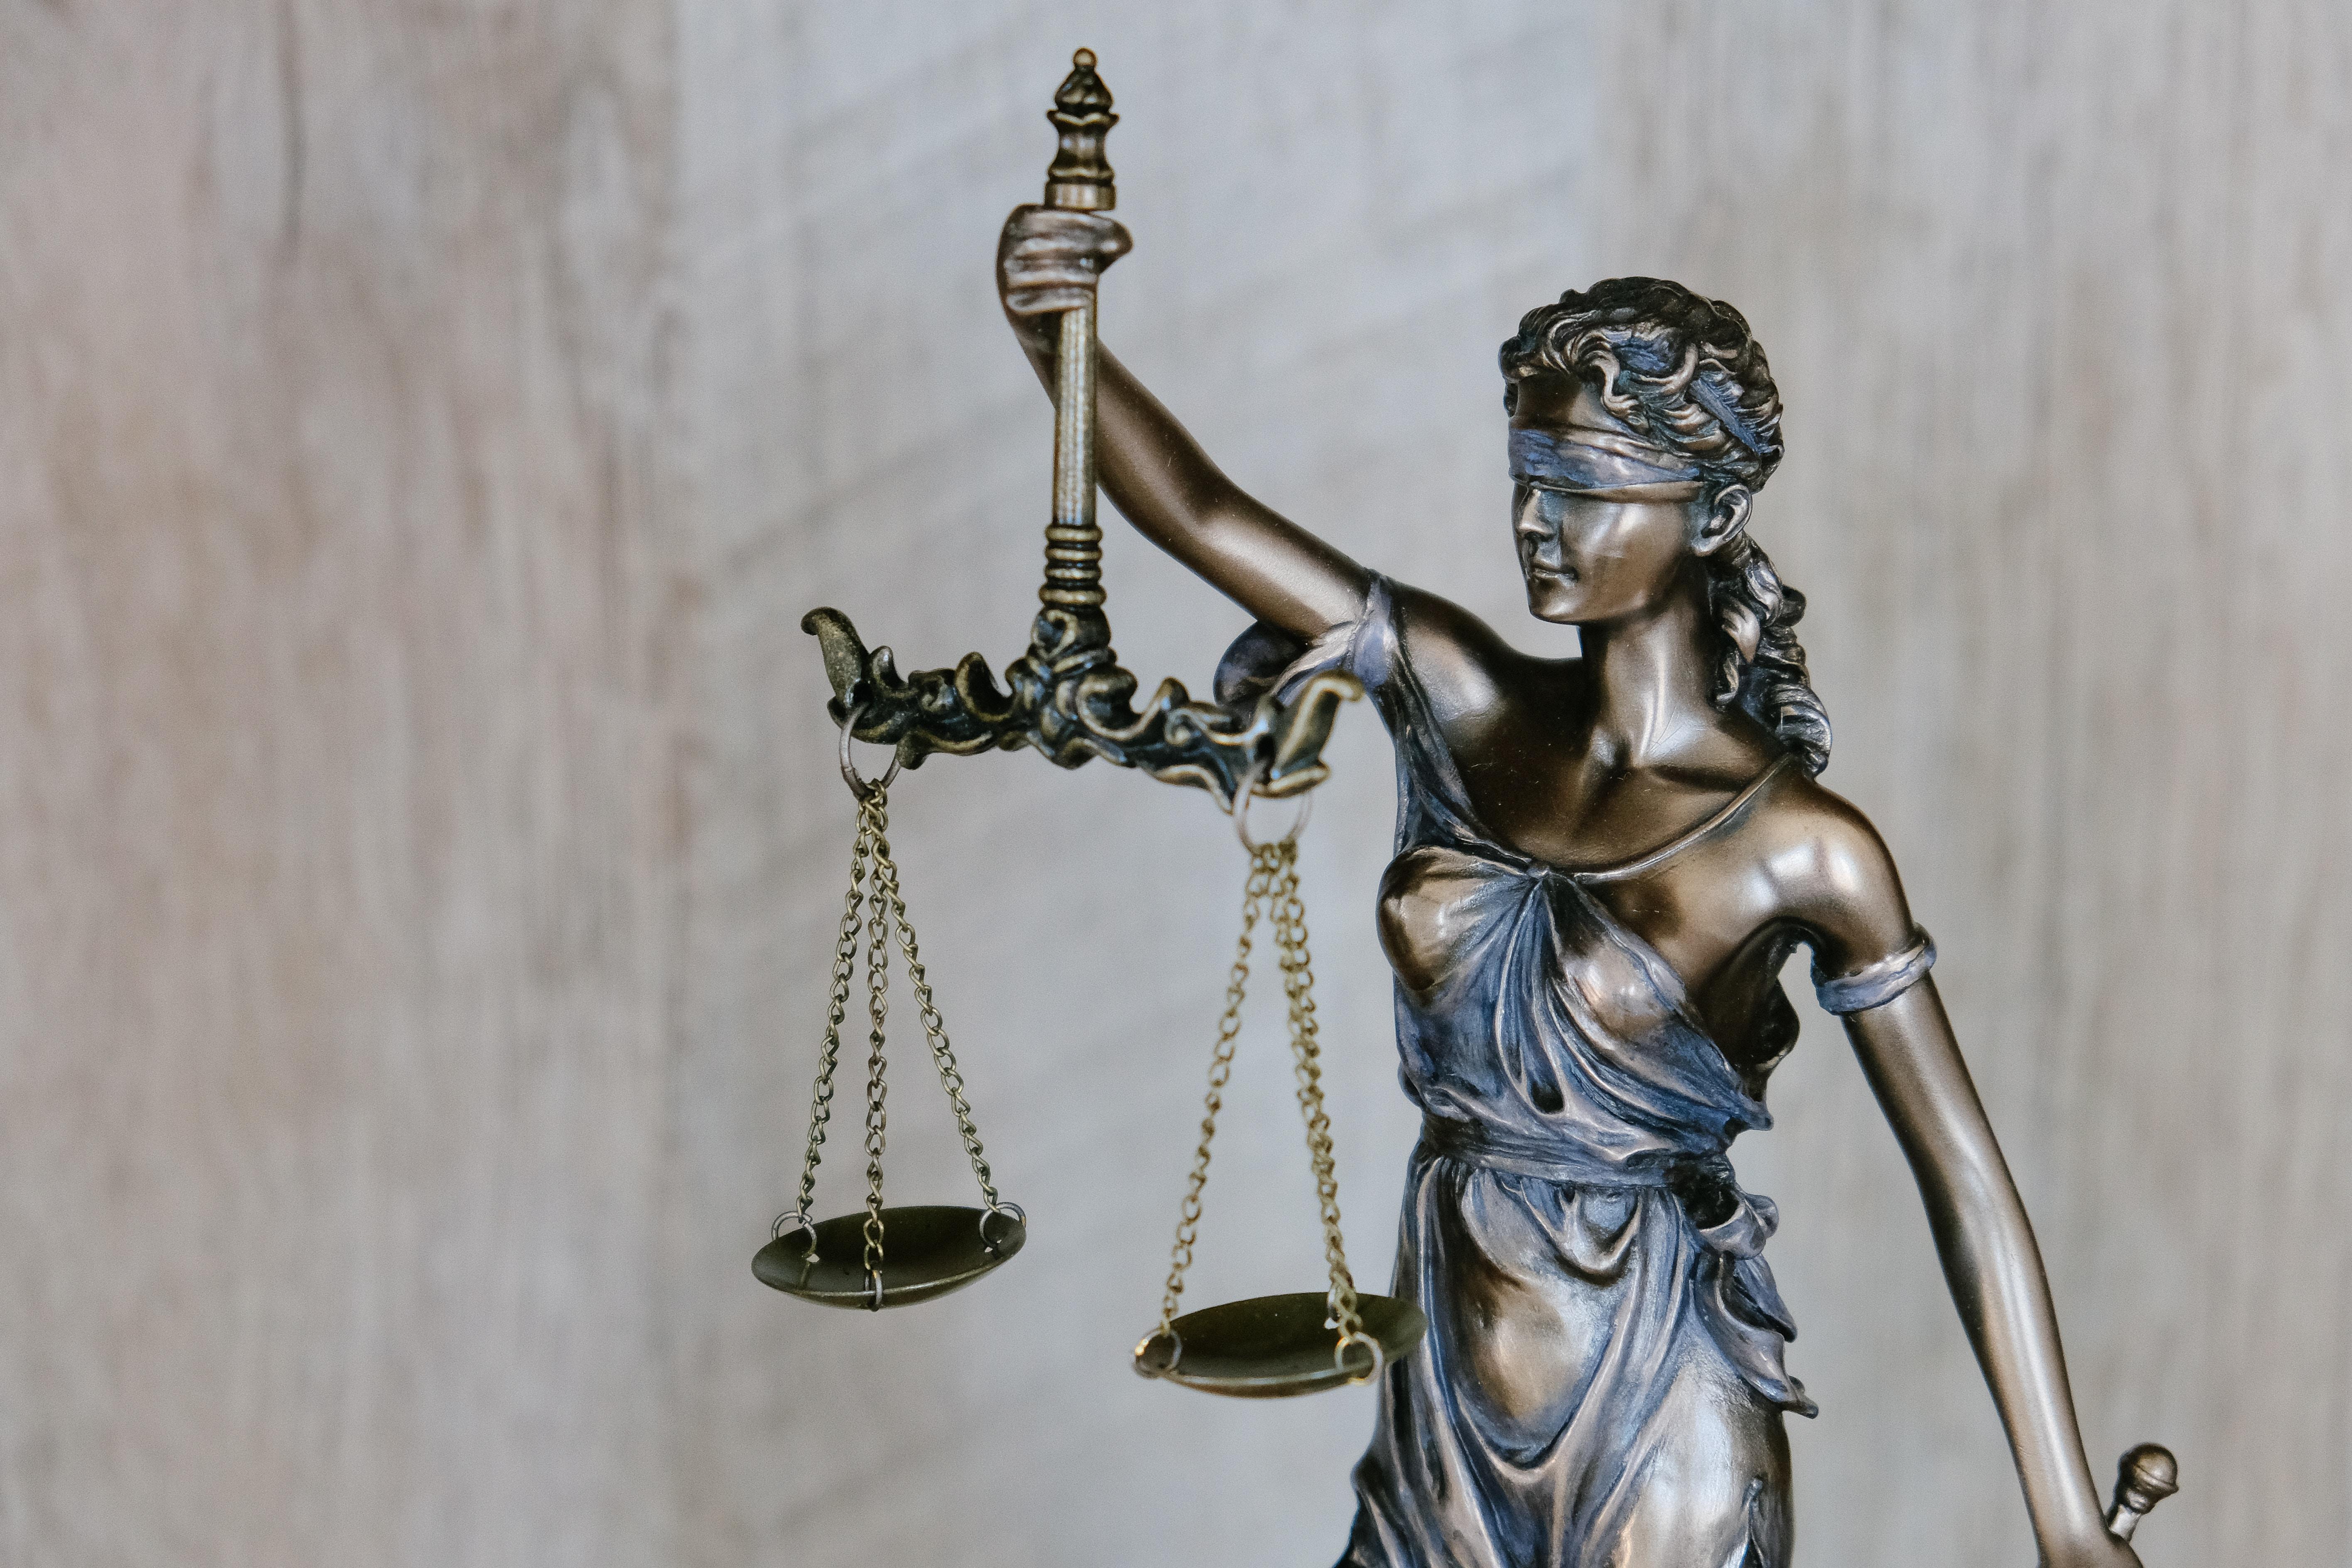 Law Firm Cloud Leaks Information